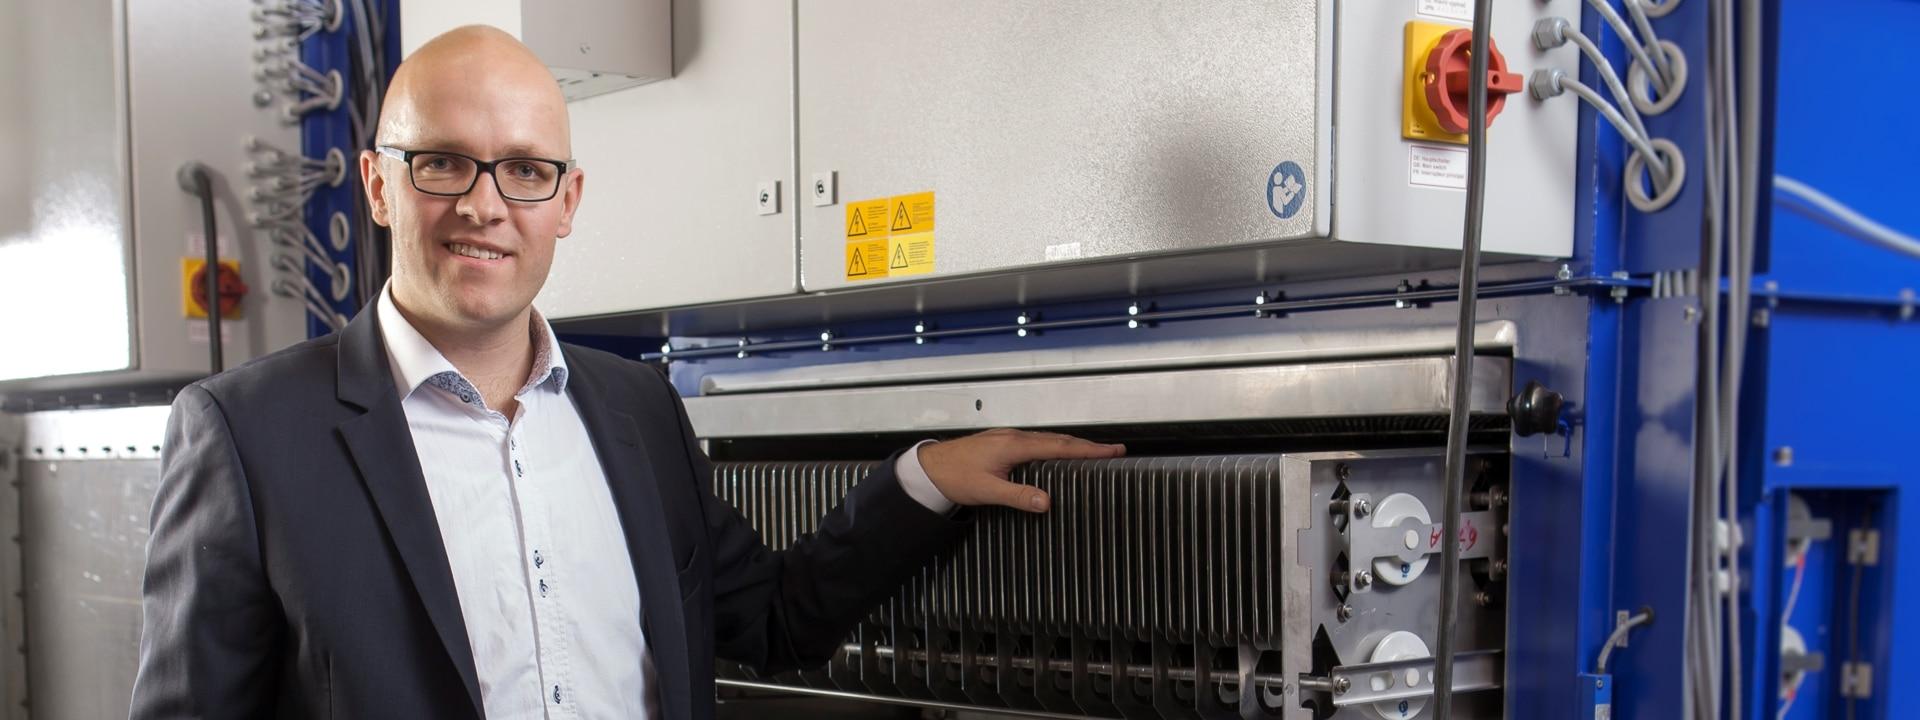 Vertrieb Mitarbeiter bei KMA Umwelttechnik